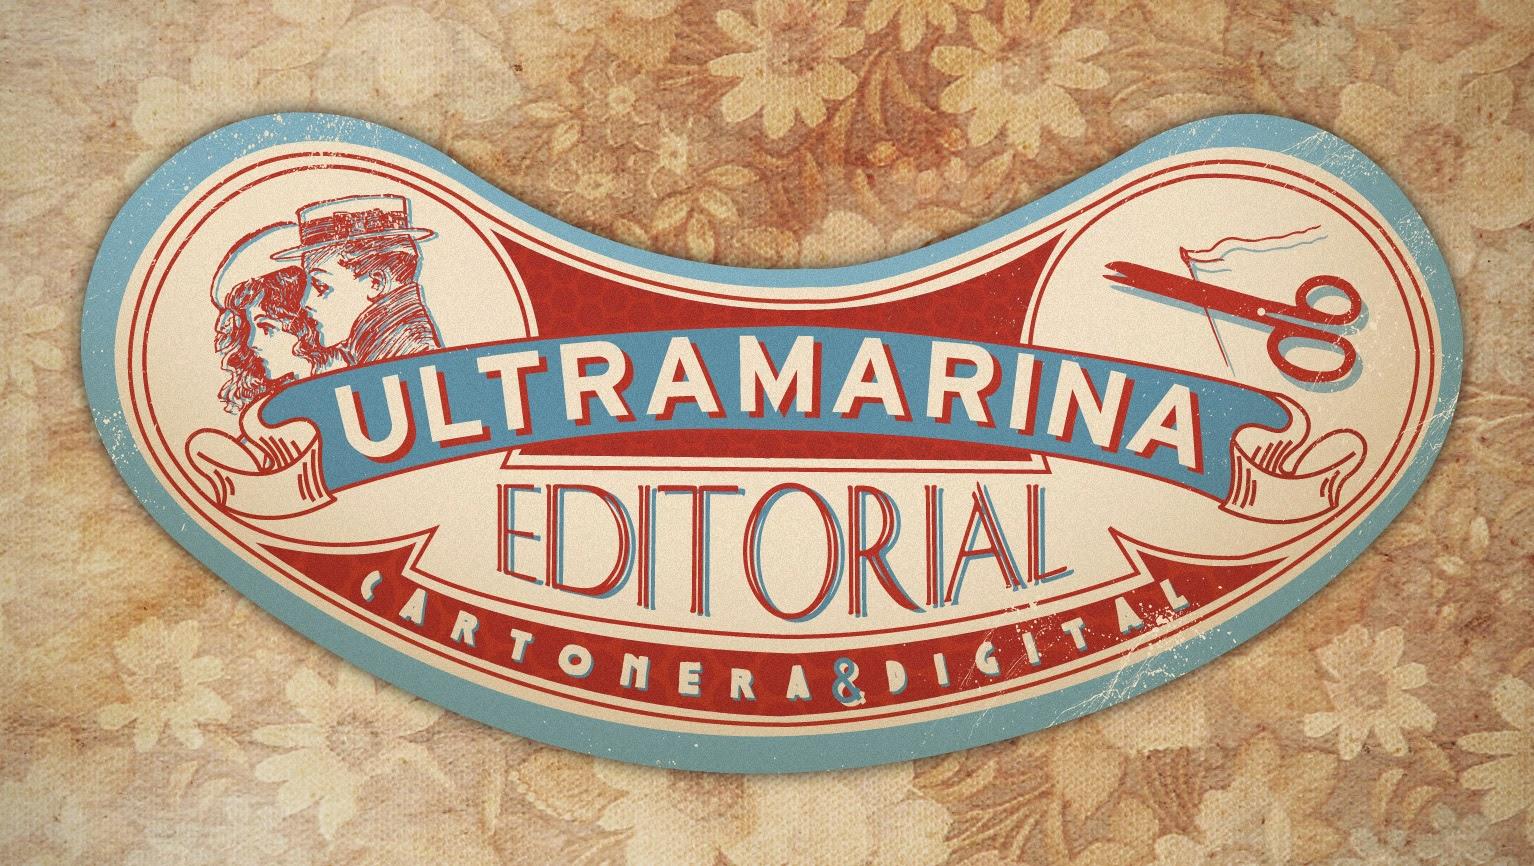 Ultramarina C&D